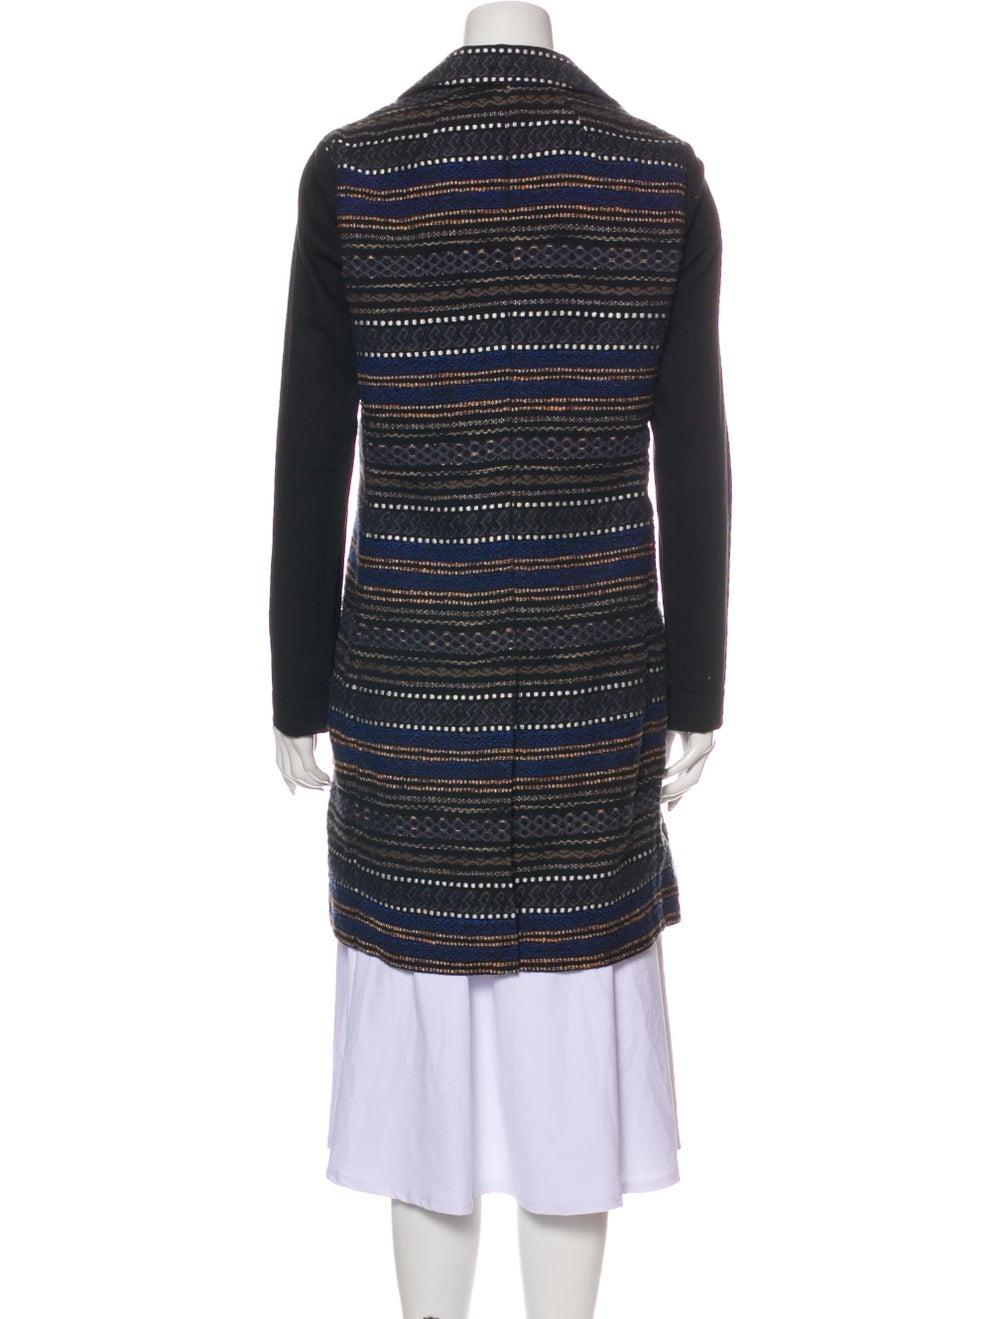 Gryphon Tweed Pattern Coat Black - image 3